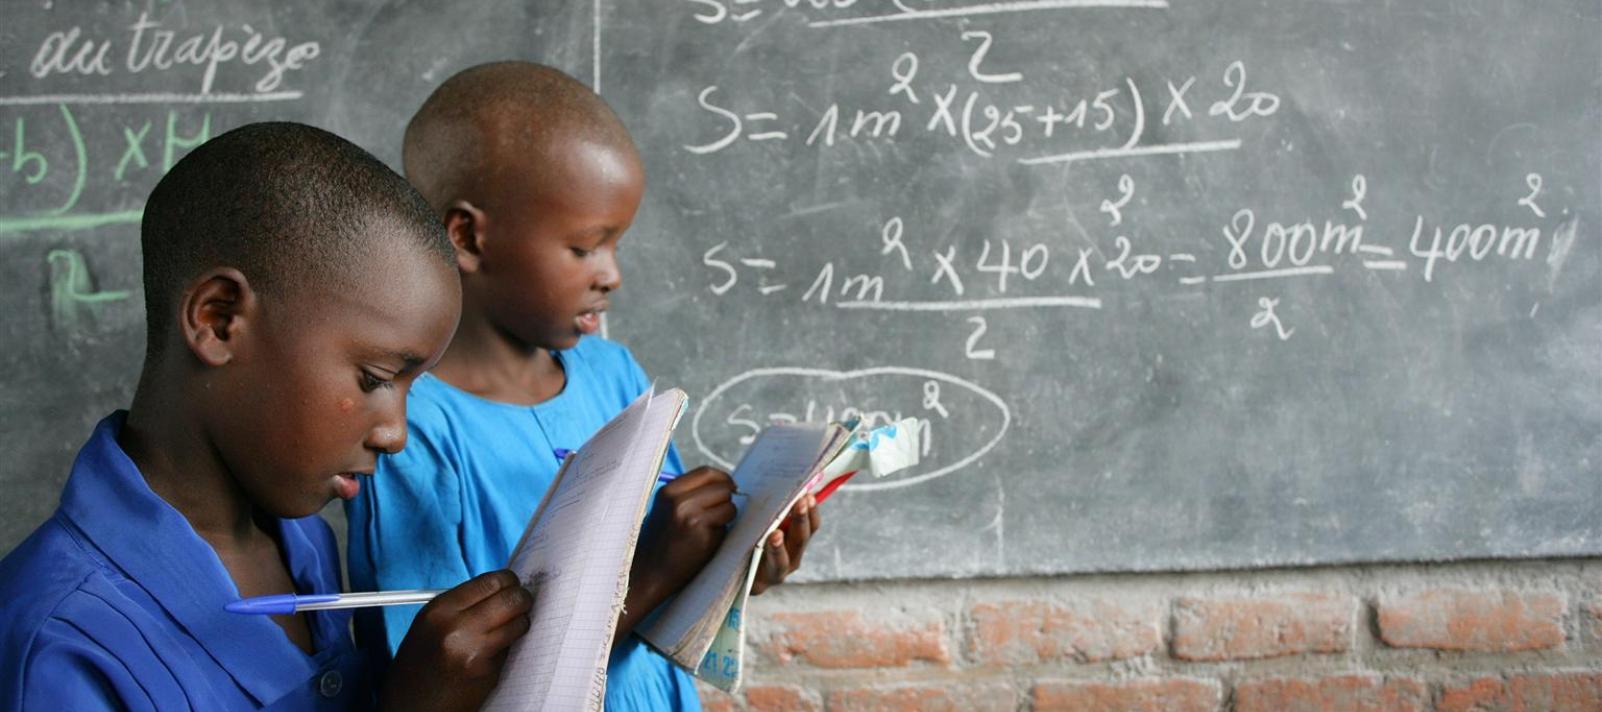 About UNICEF in Rwanda   UNICEF Rwanda